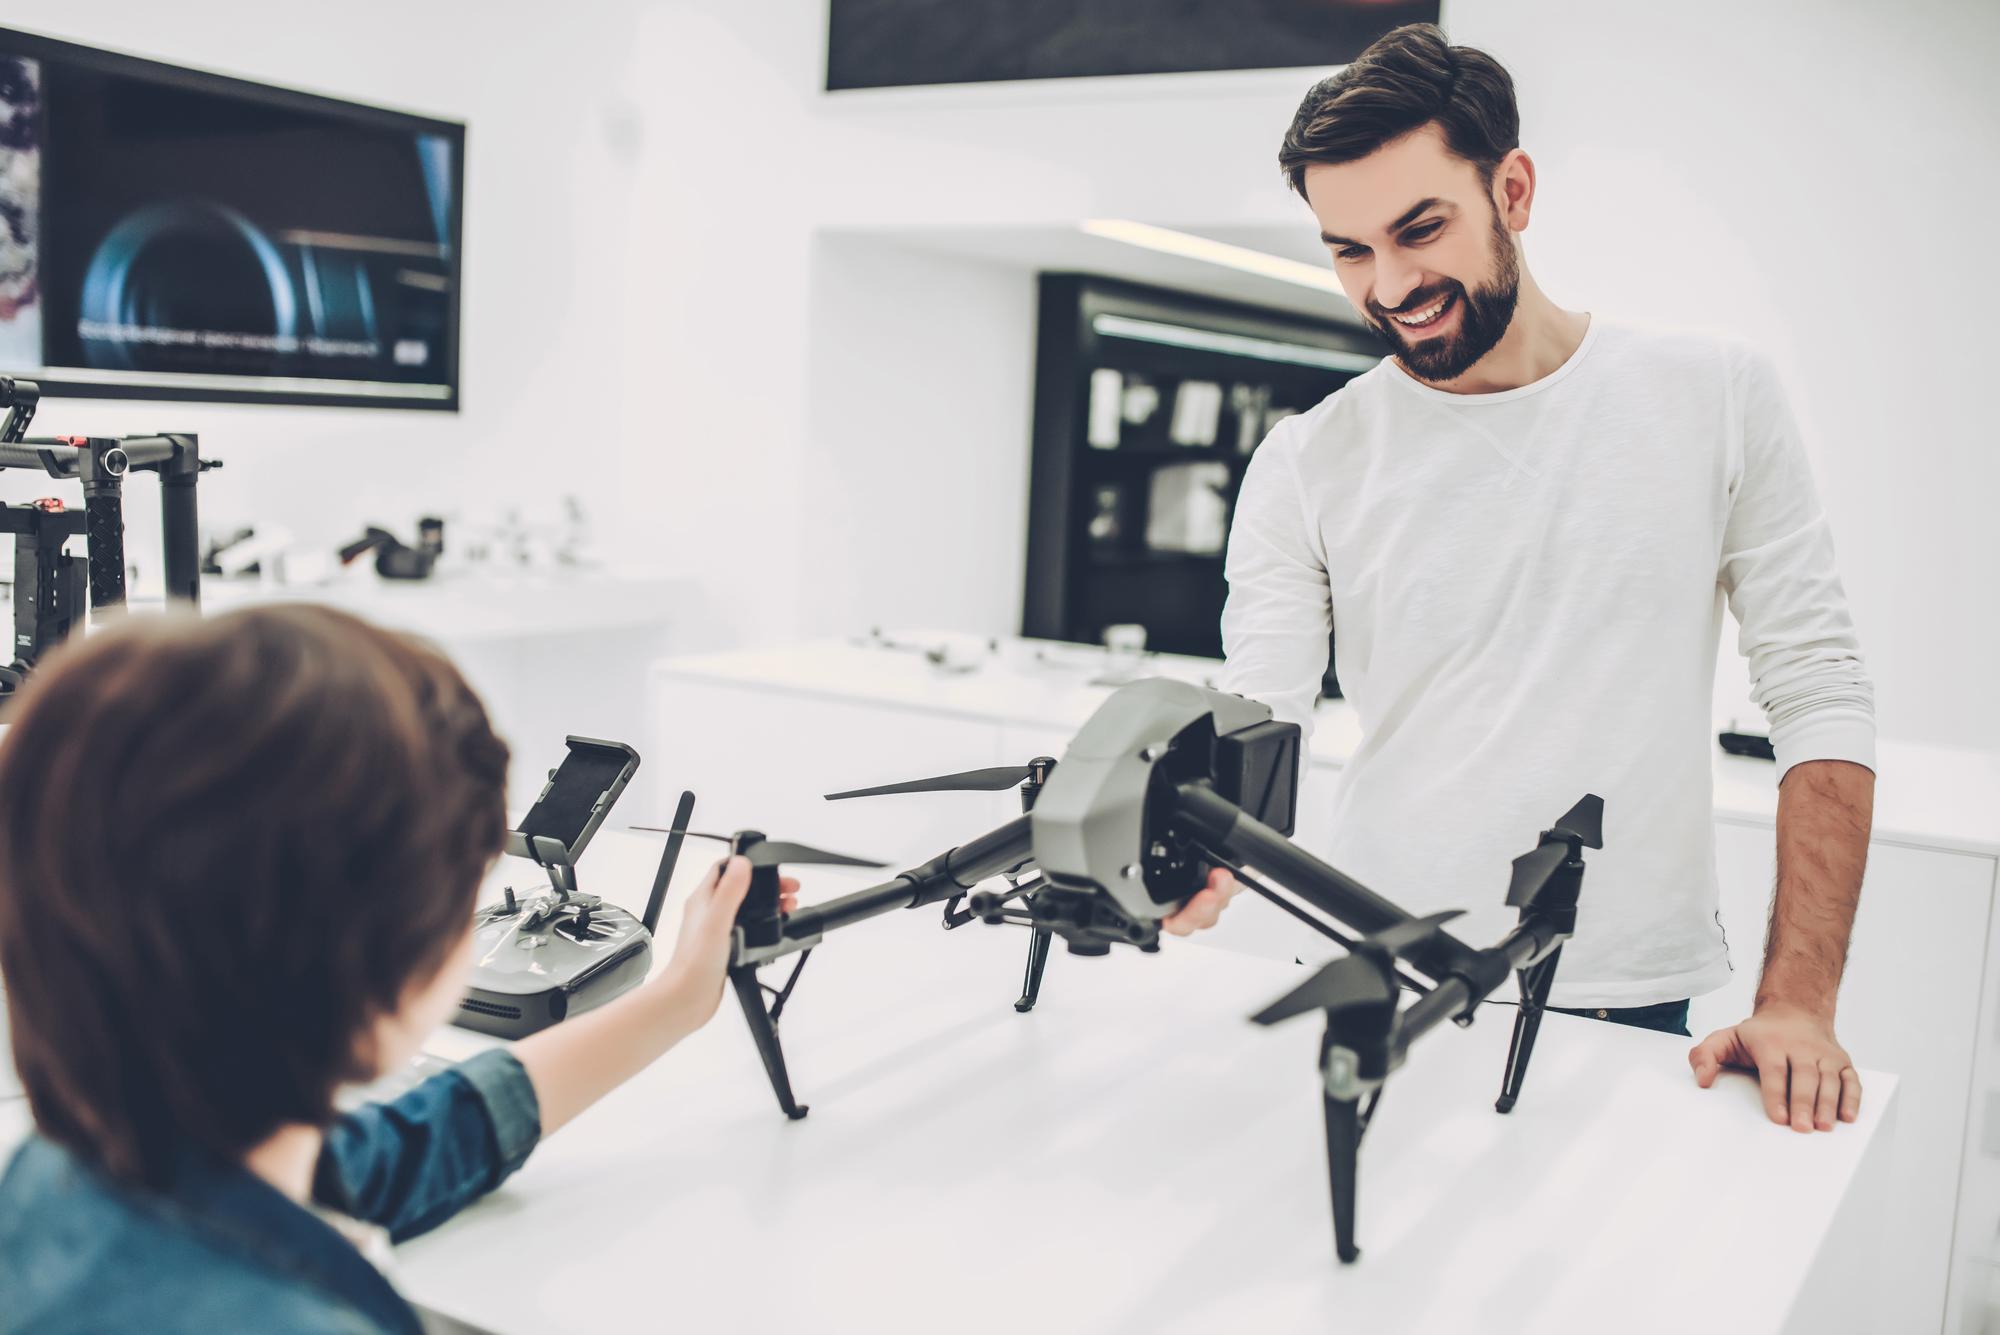 Køb af drone